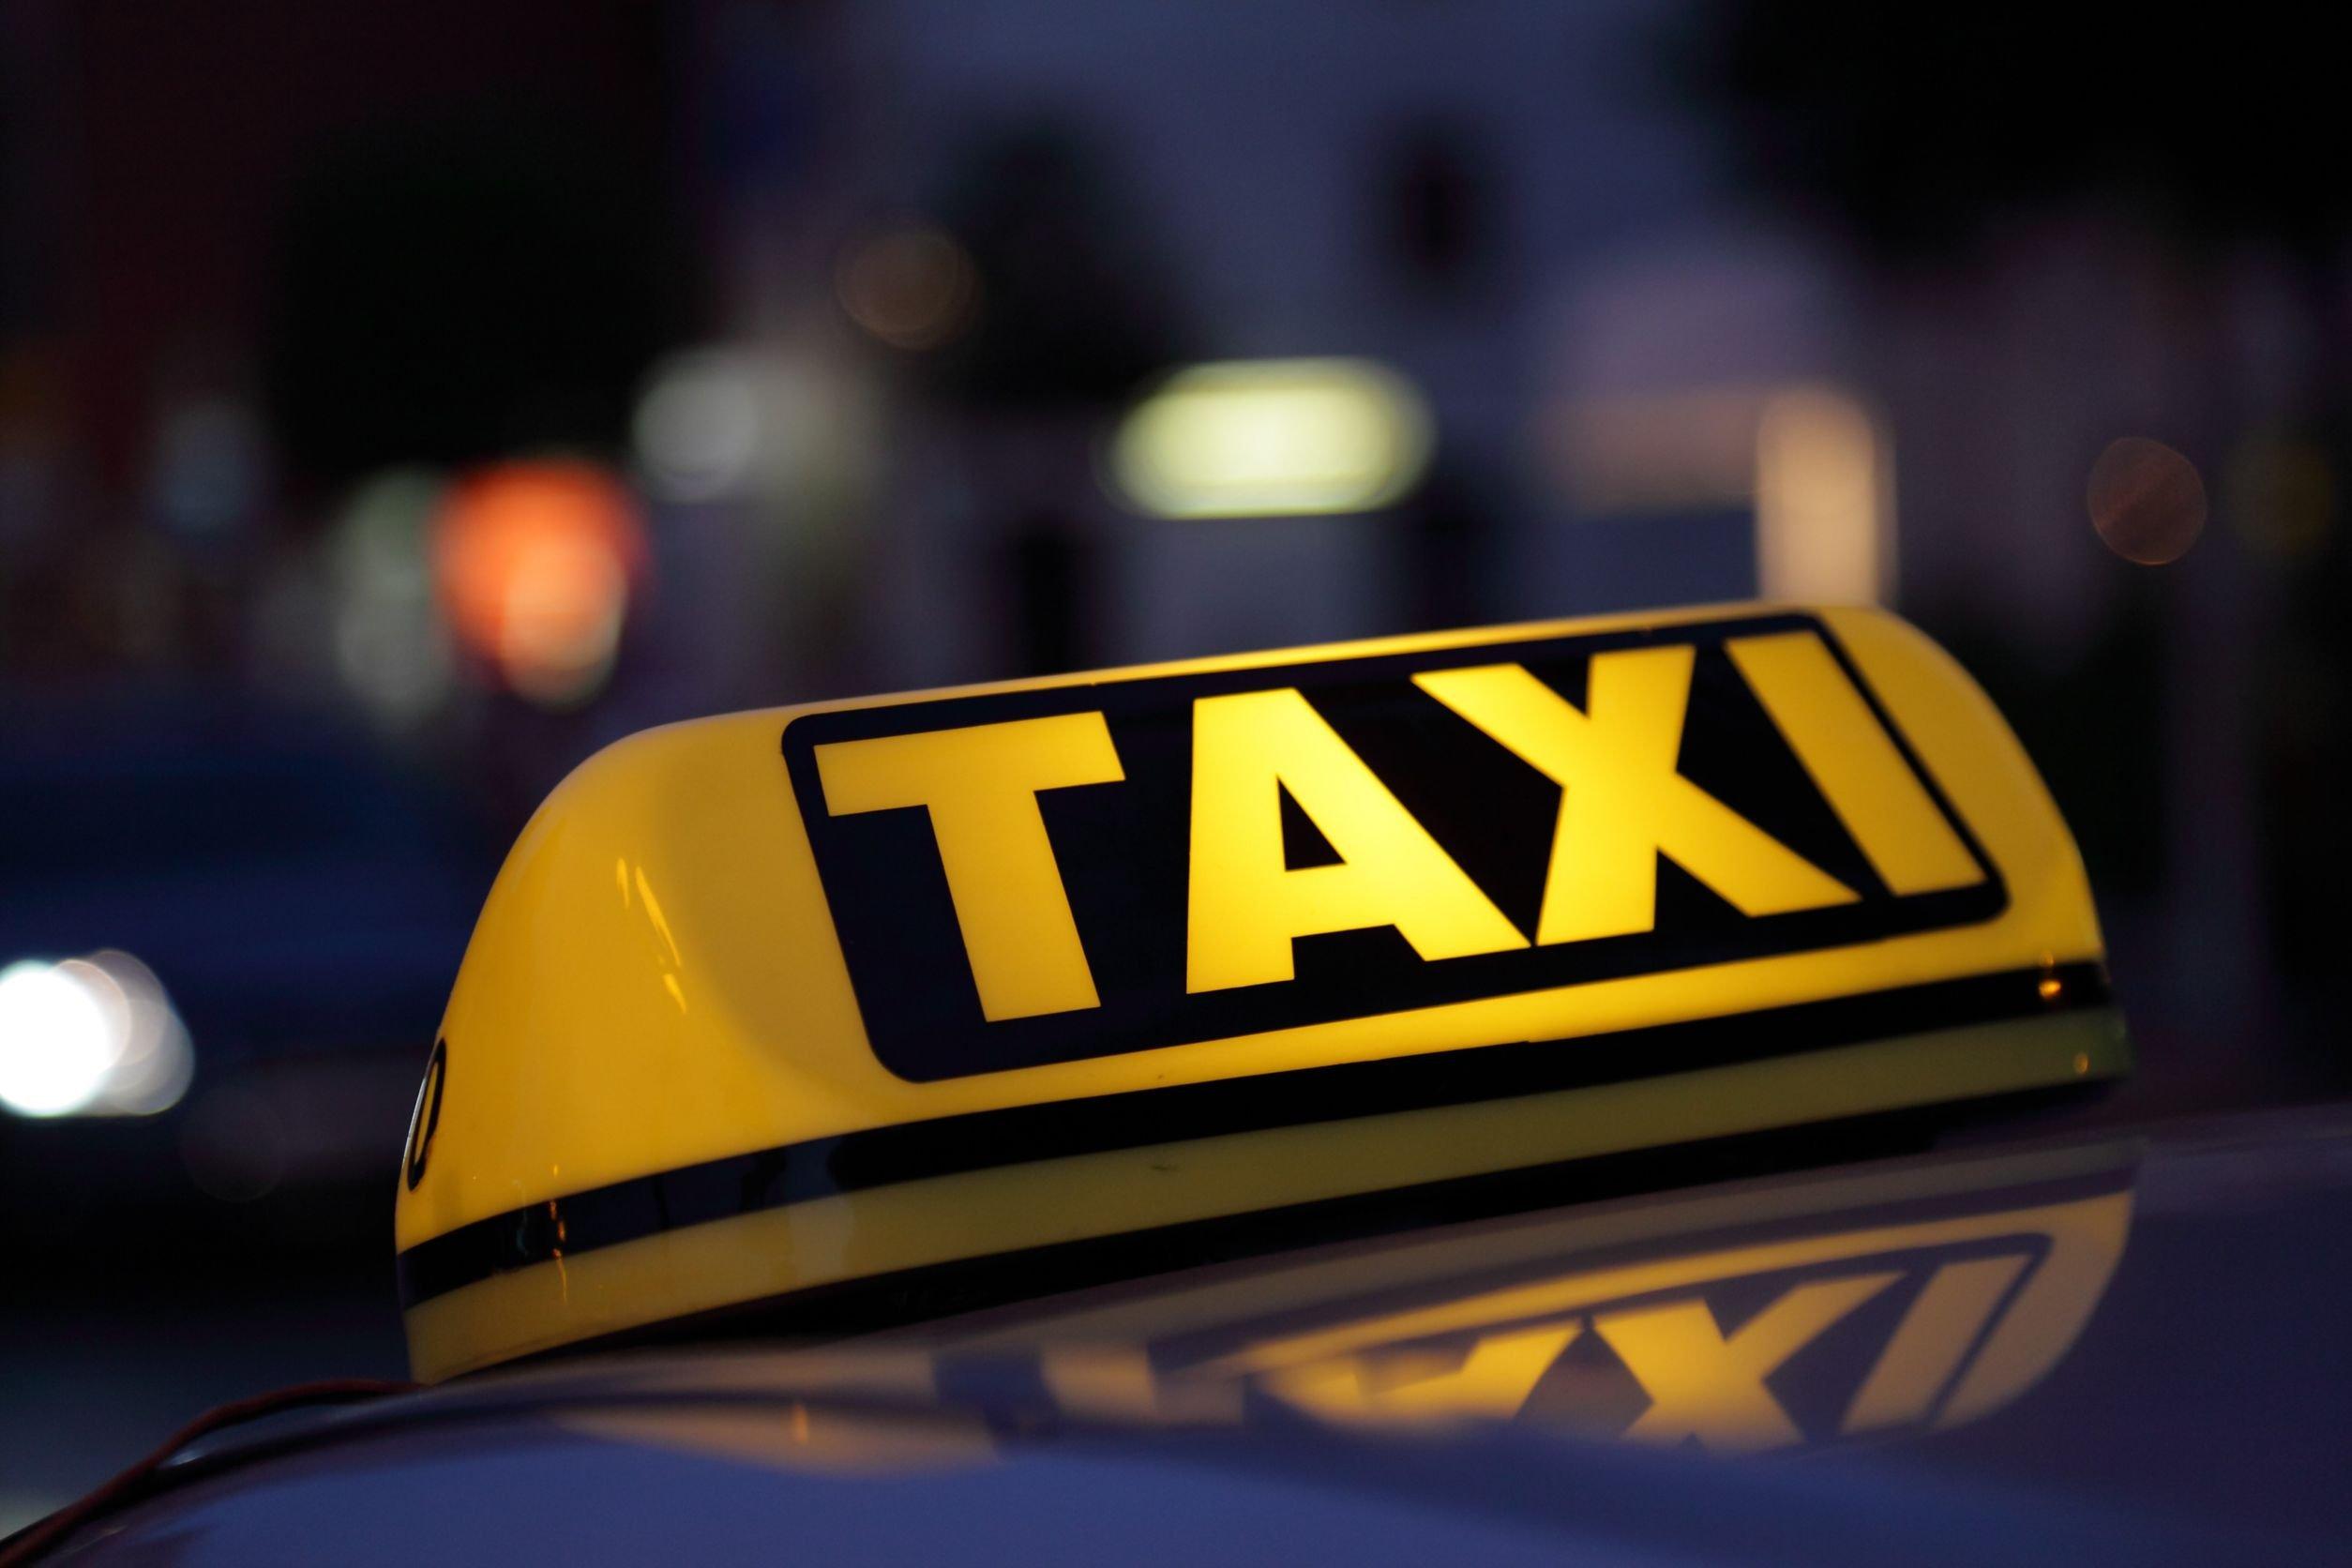 Москва разработала требования для такси кЧМ